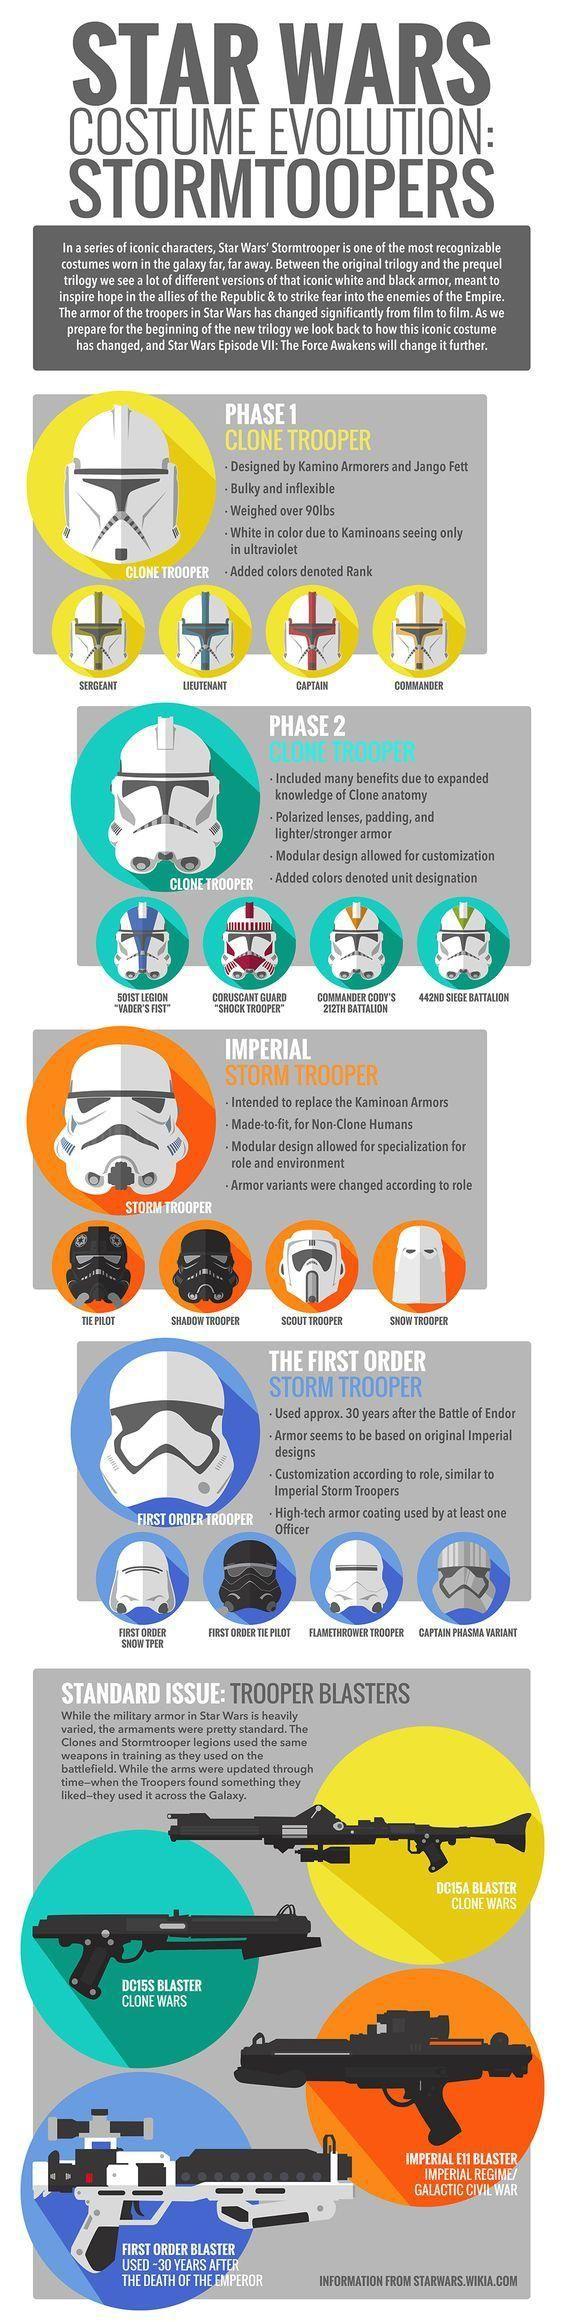 Los Stormtrooper son las tropas de asalto del Imperio Galáctico y están bajo las órdenes del Emperador. Es decir, son el ejército malvado de Star Wars.